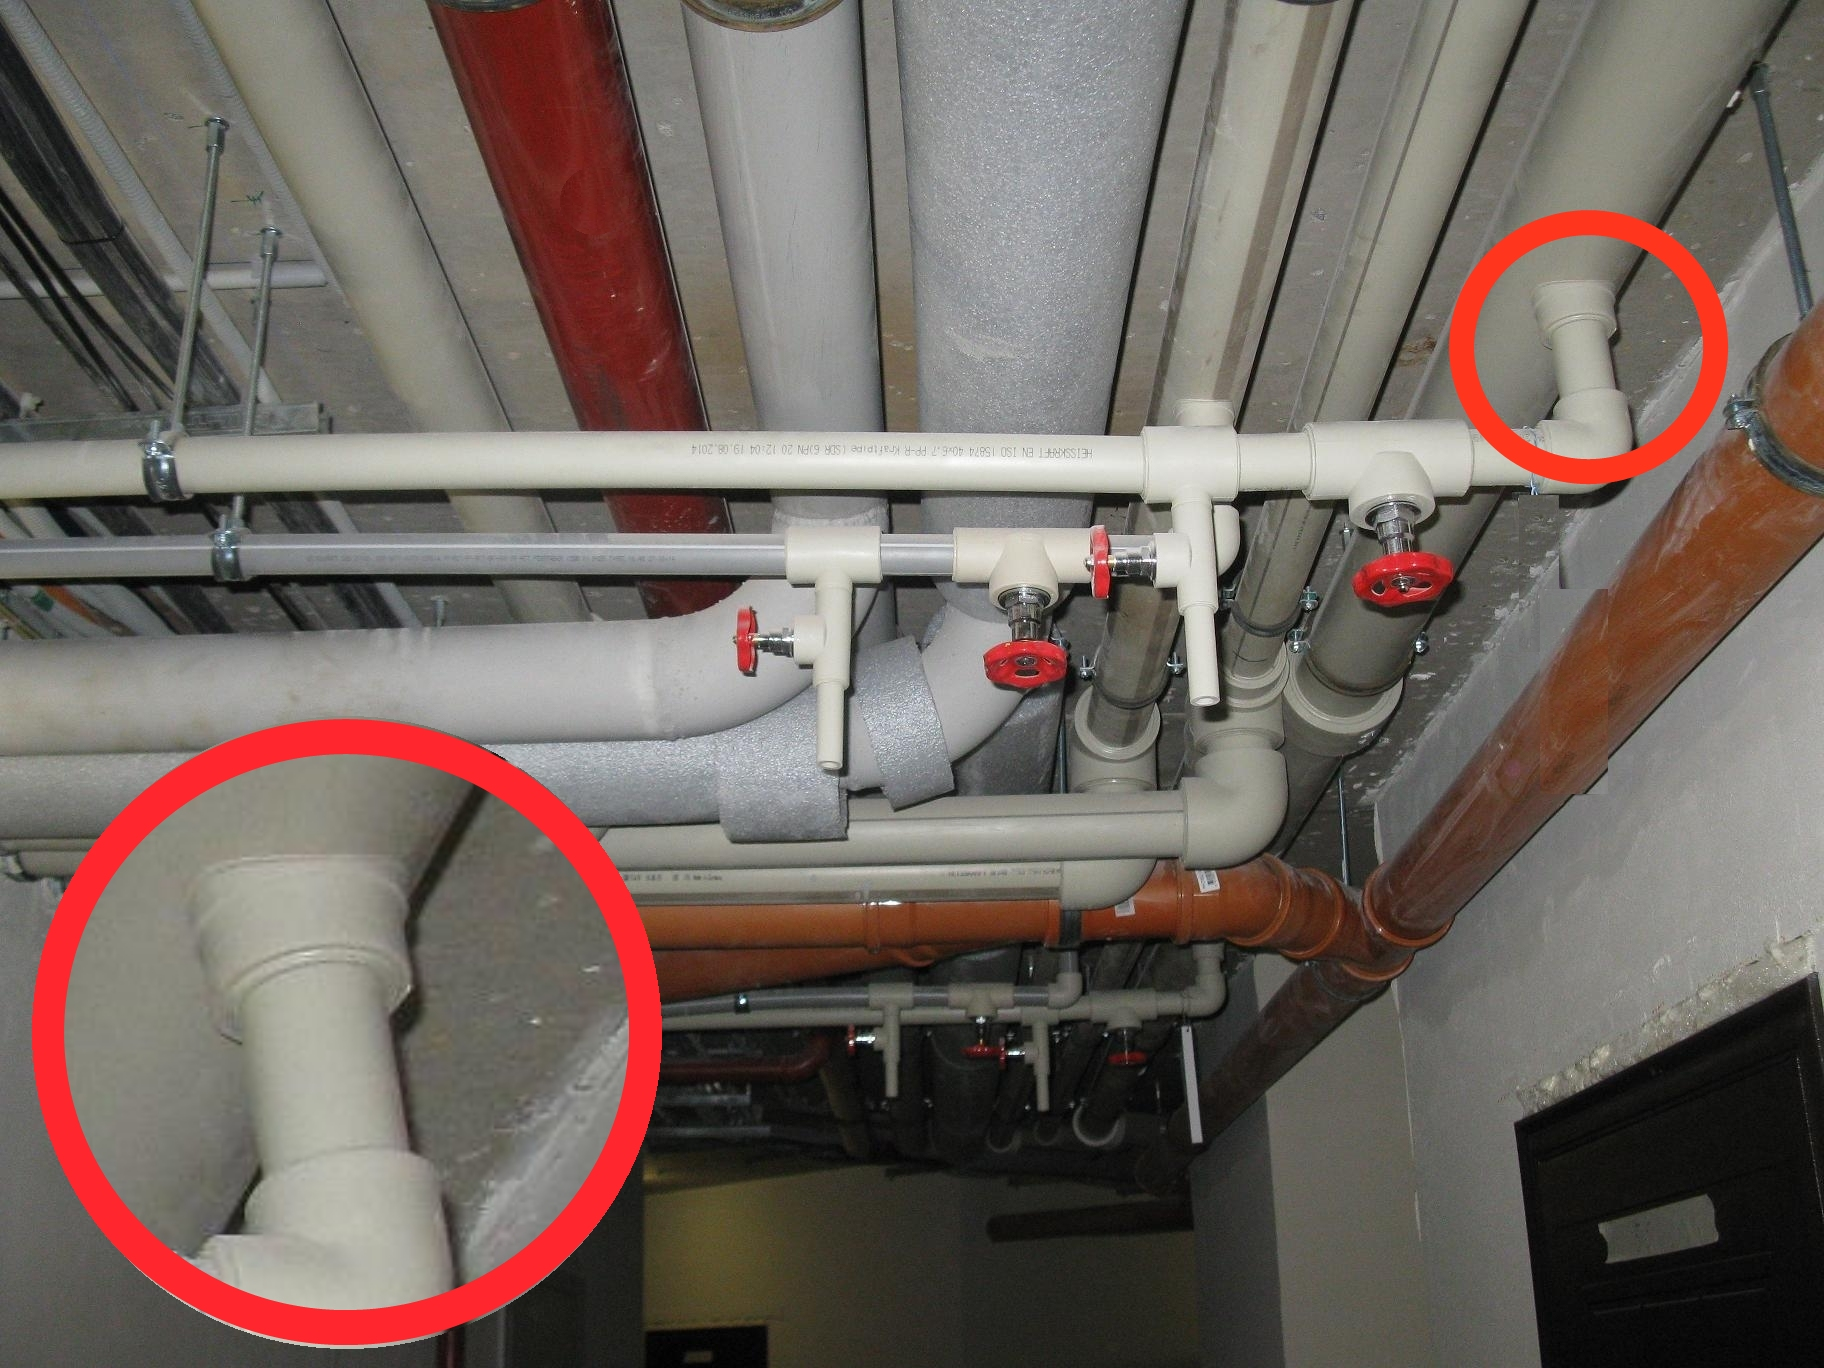 Как врезаться в пластиковую канализационную трубу